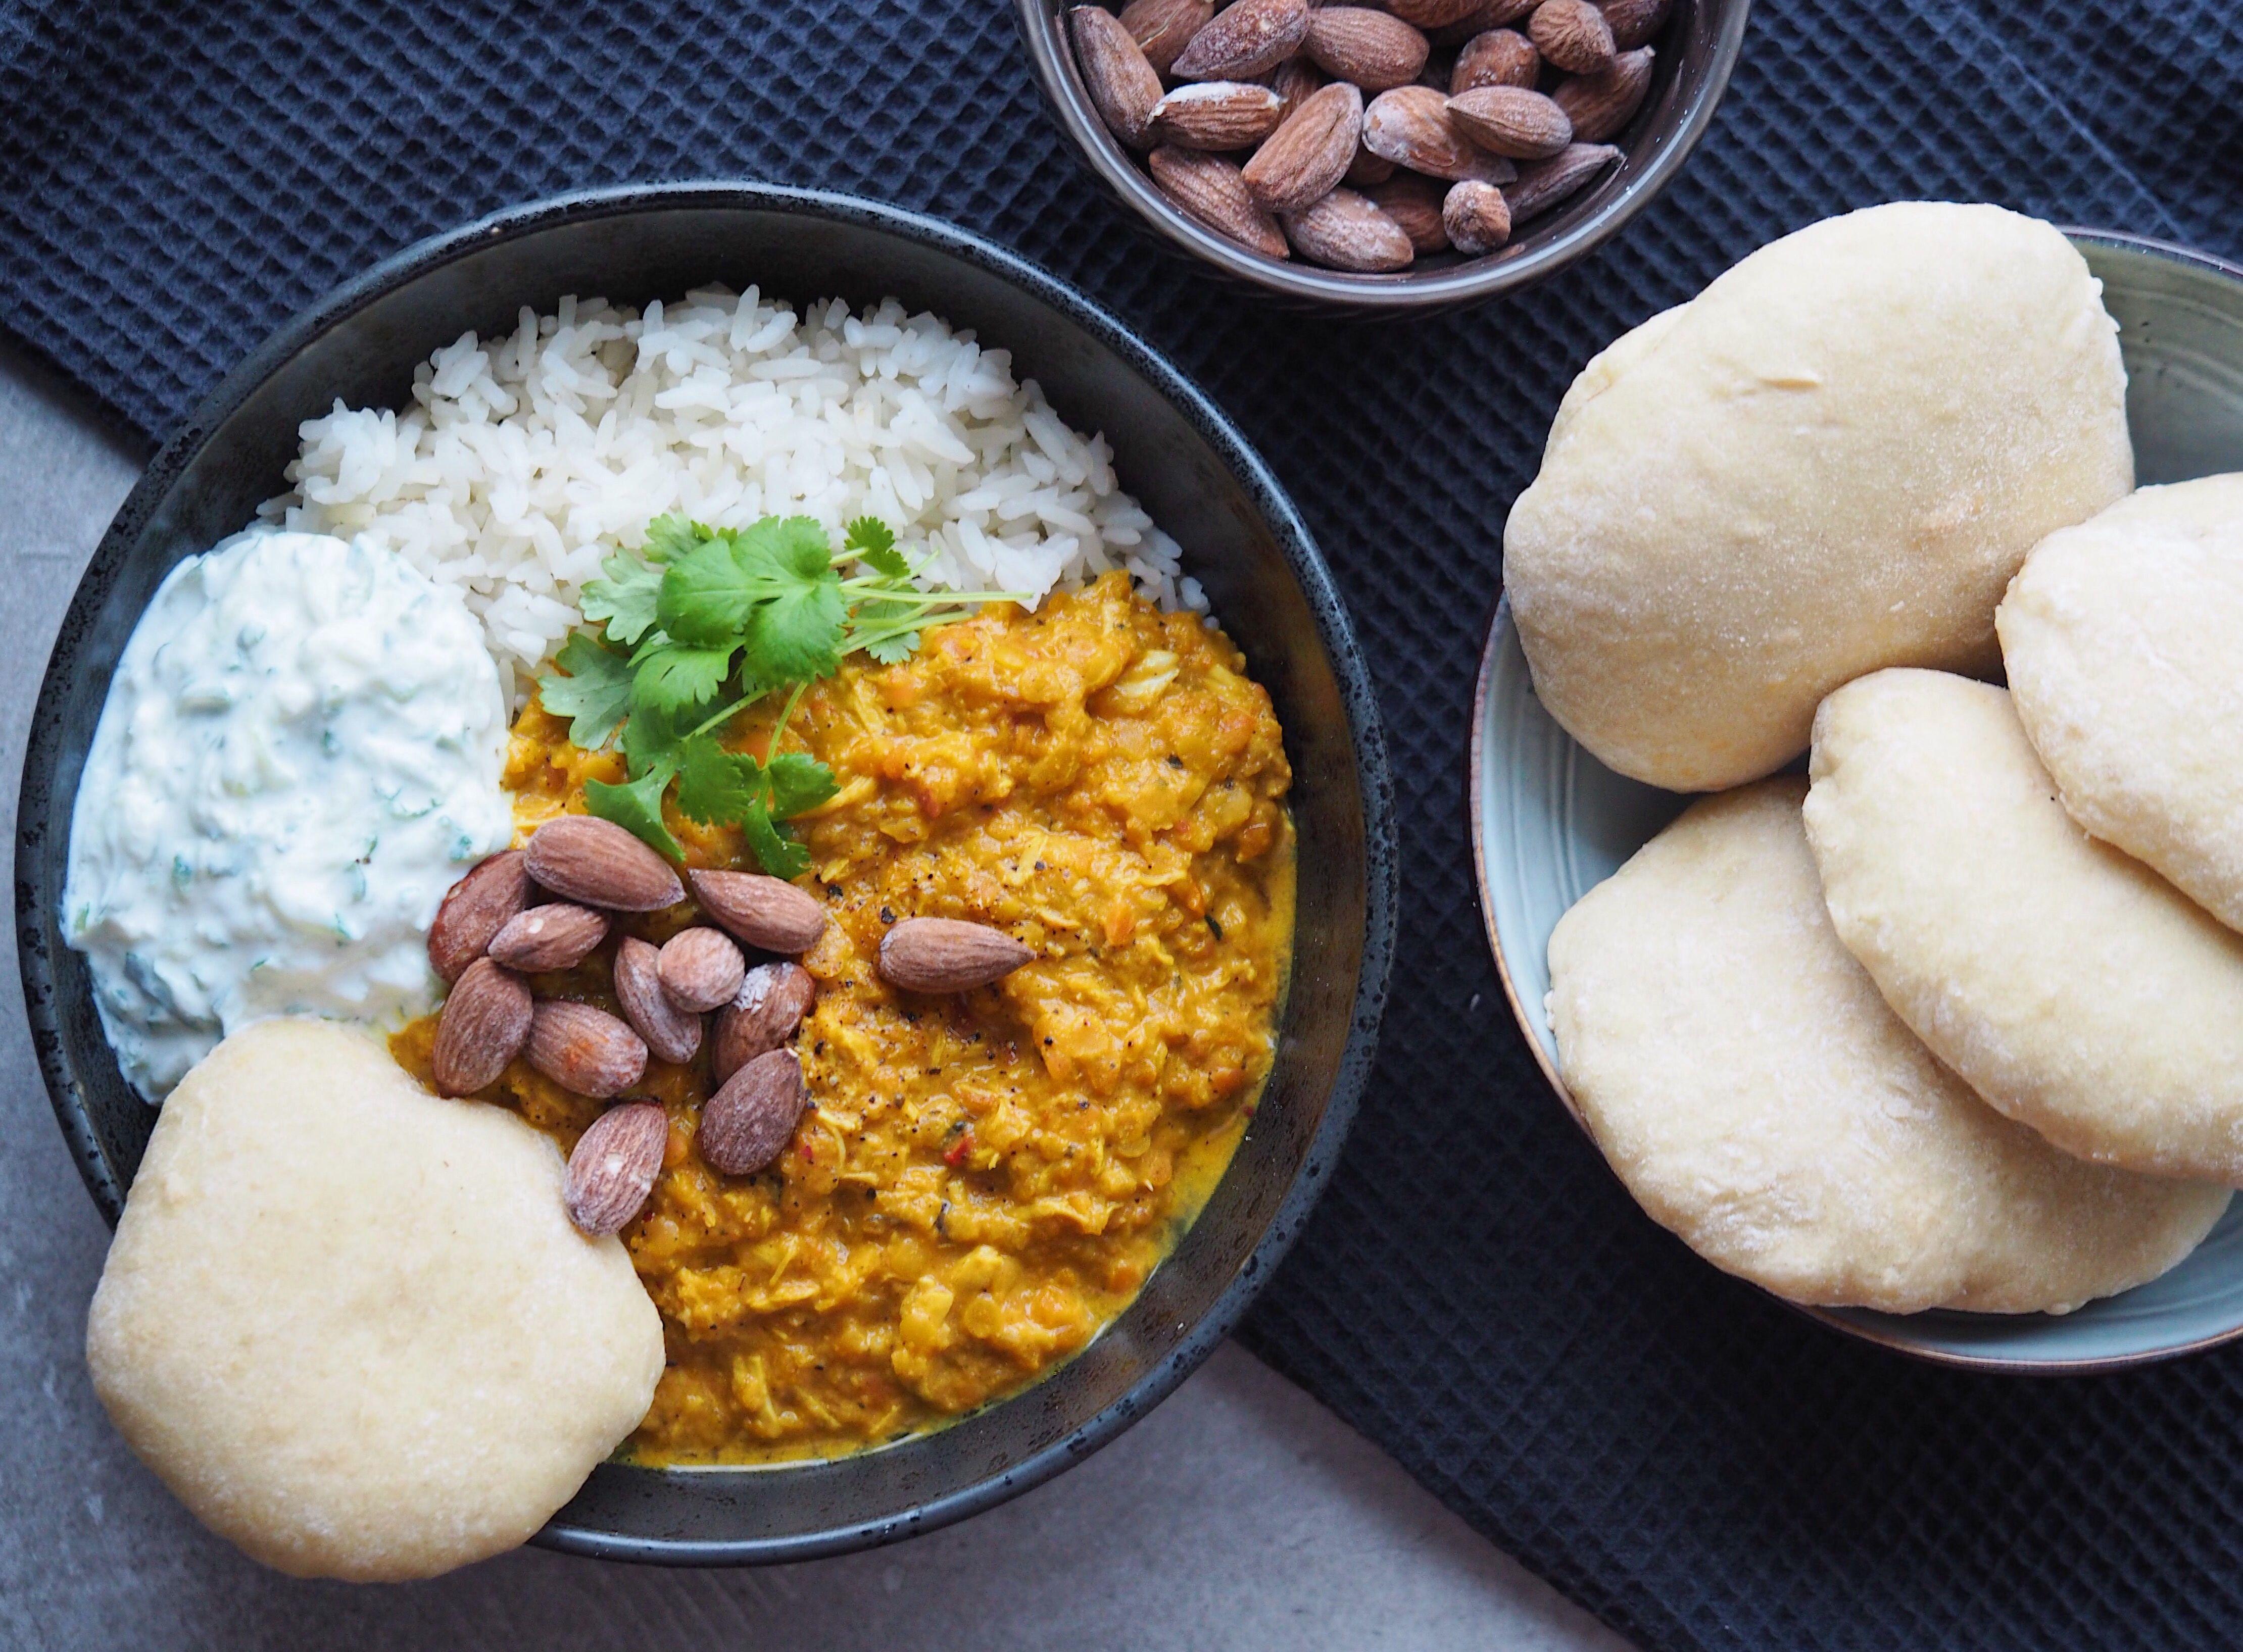 Kuvertbrod Indisk Dahl Linsegryde Gryderet Vegetarisk Vegetar Aftensmad Simremad Opskrift Mia Lindholm Opskrifter Riste Indisk Mad Mad Ideer Indiske Opskrifter